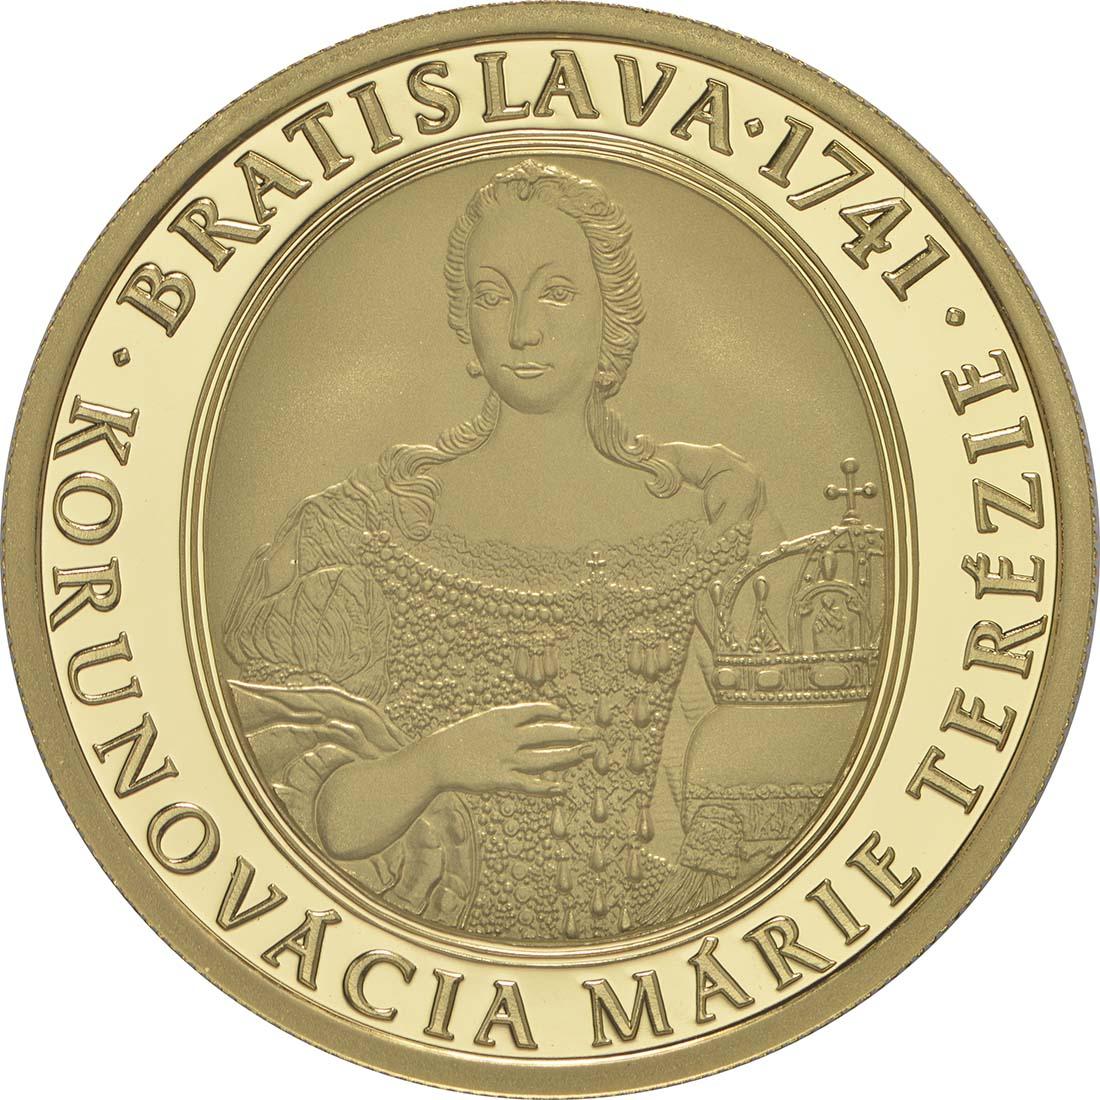 Euromünzen Archive Münzenhandlung Tobias Honscha